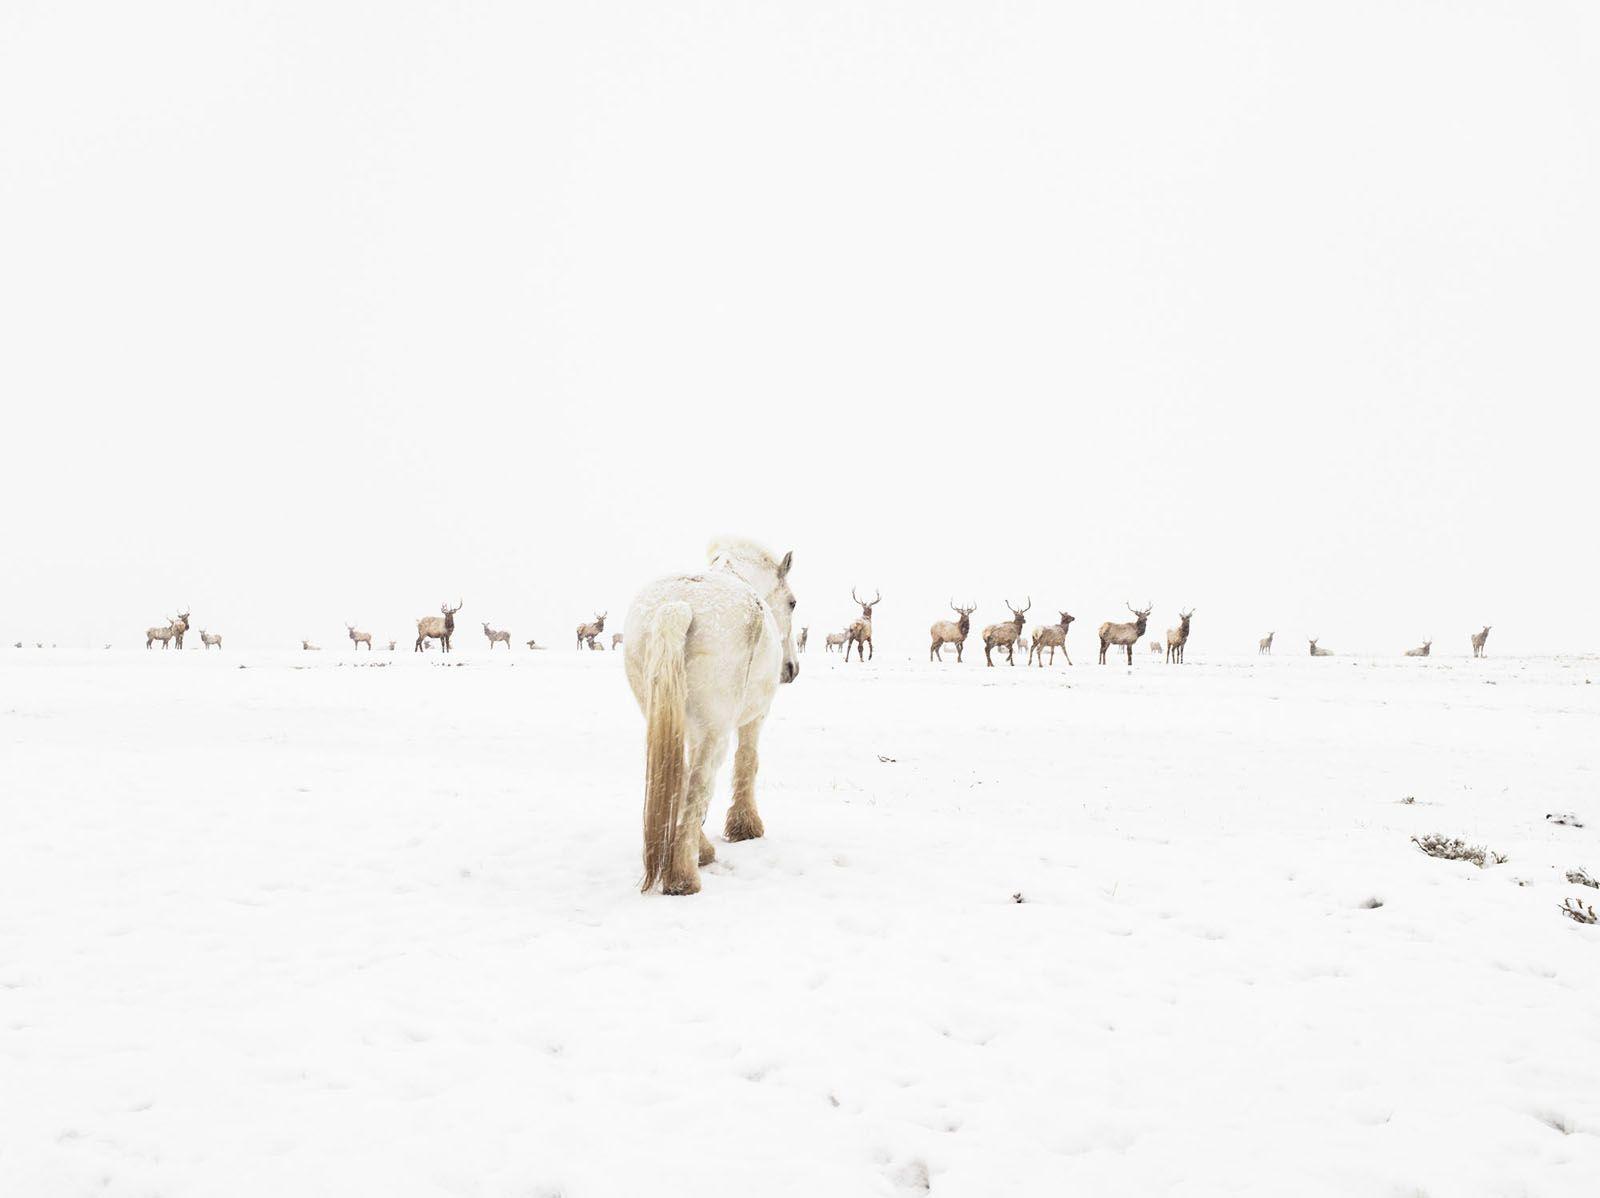 LUCAS FOGLIA, Jewett Elk Feedground, Merna, Wyoming, 2010